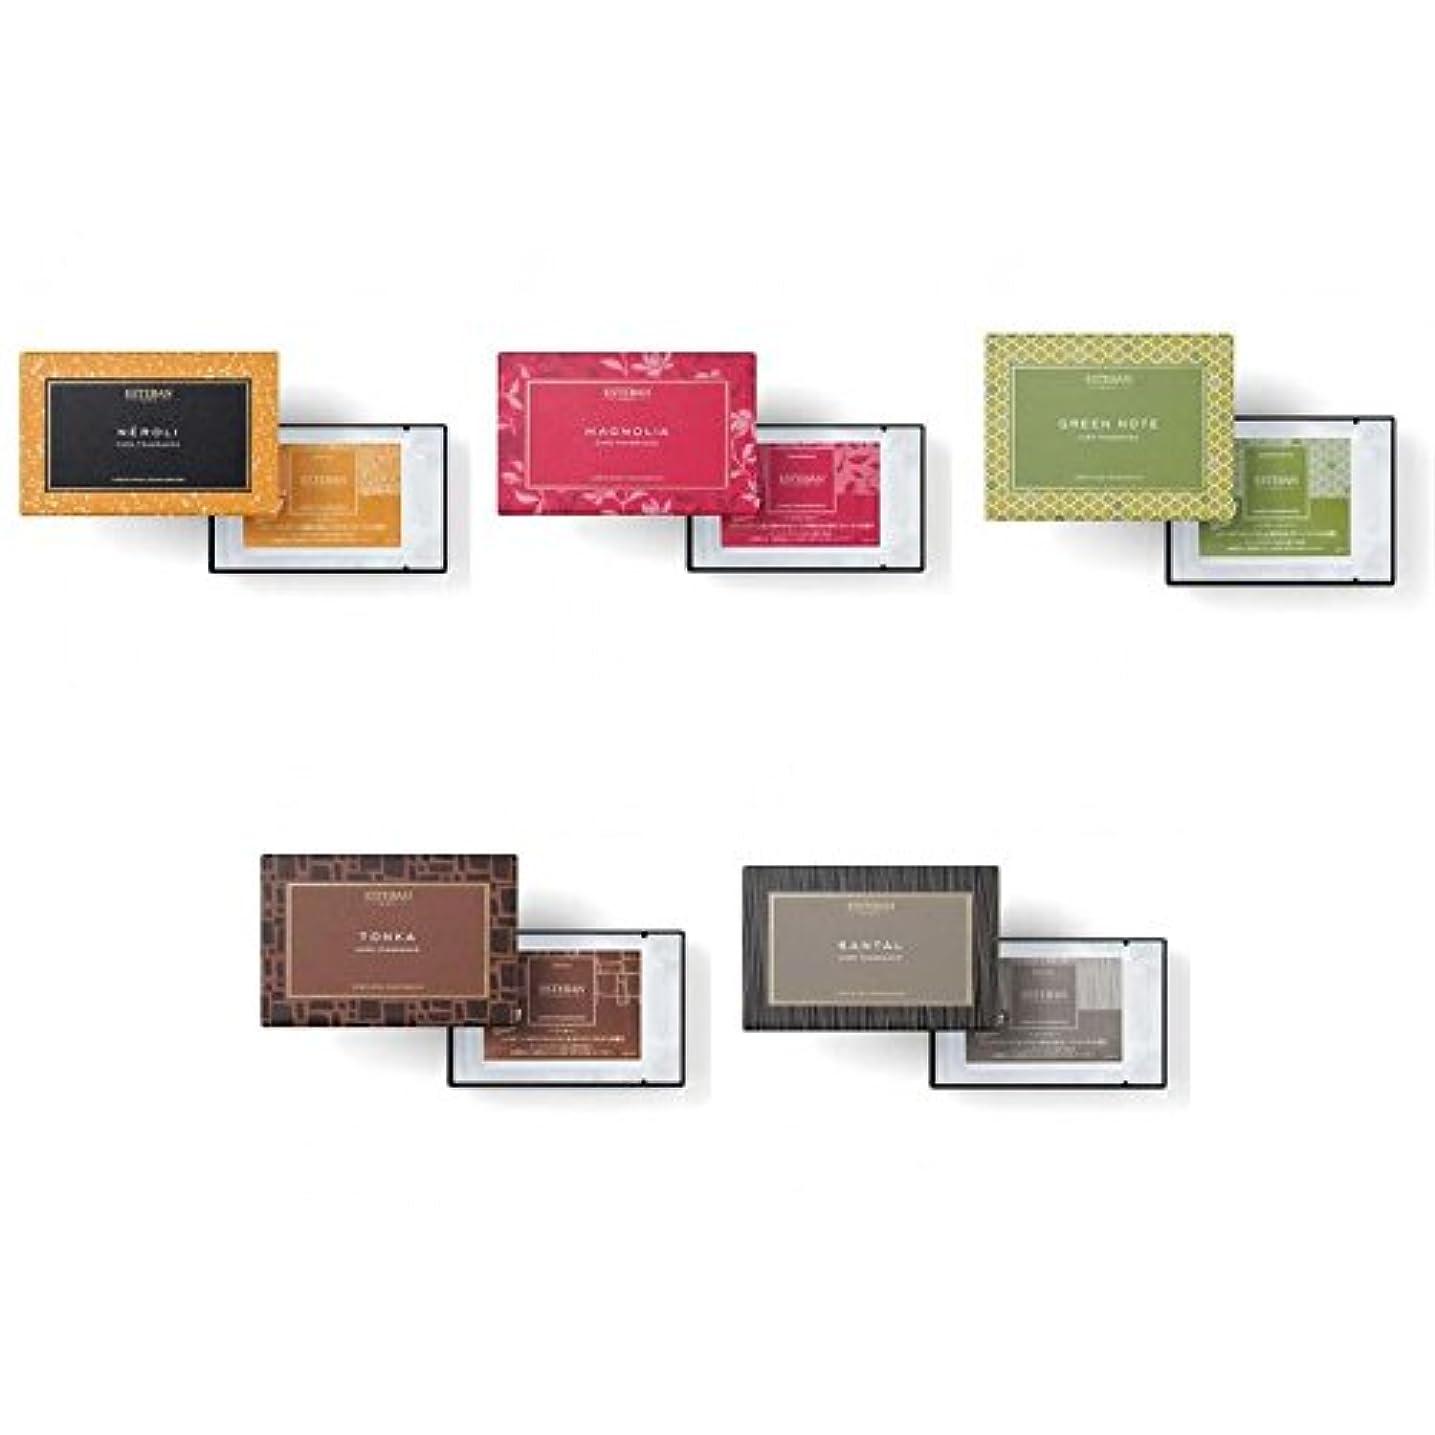 ランドマーク悪の着るエステバン カードフレグランス 5種セット